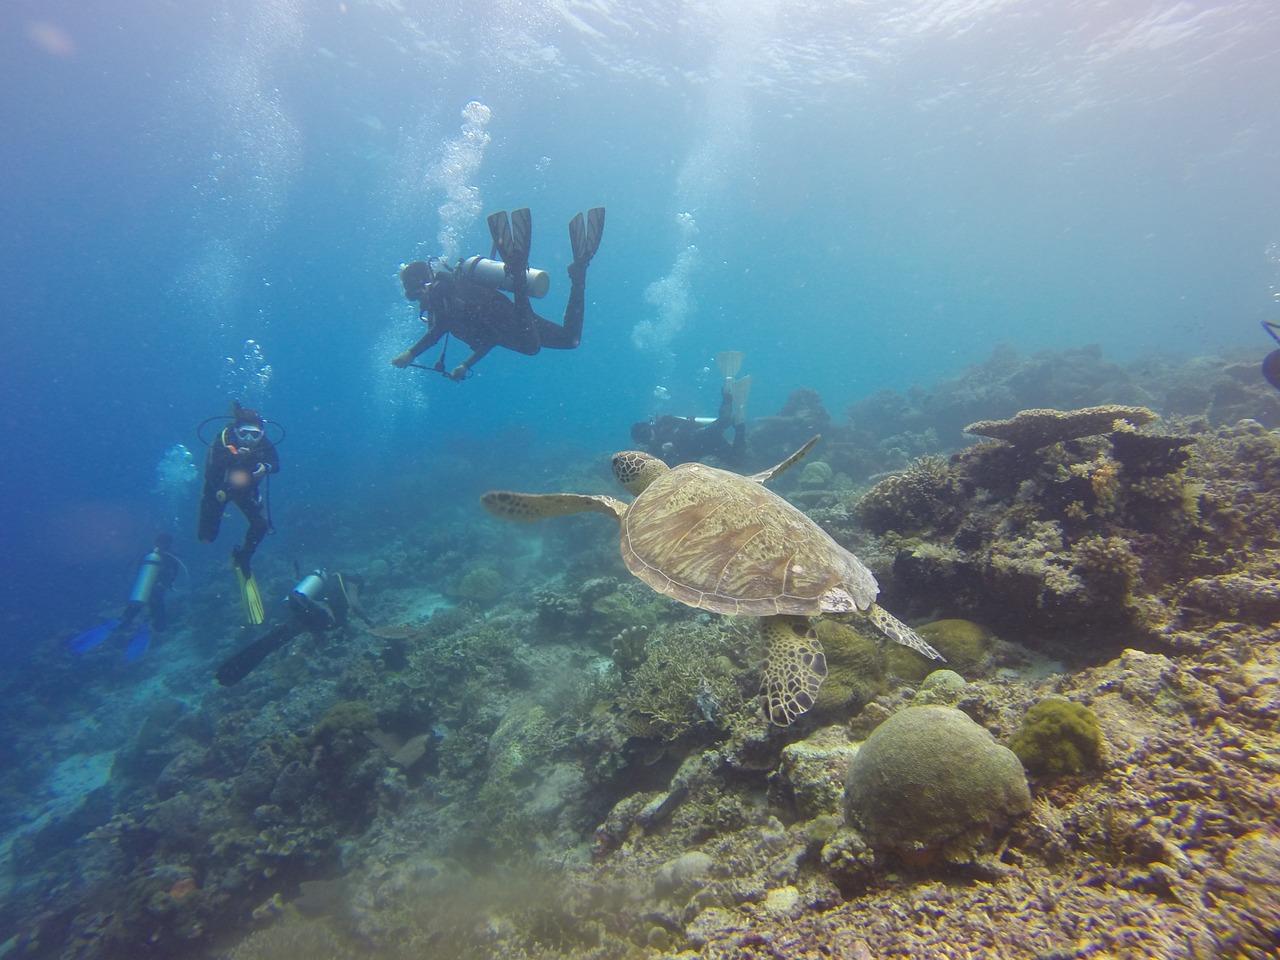 scuba-diving-1300852_1280.jpg